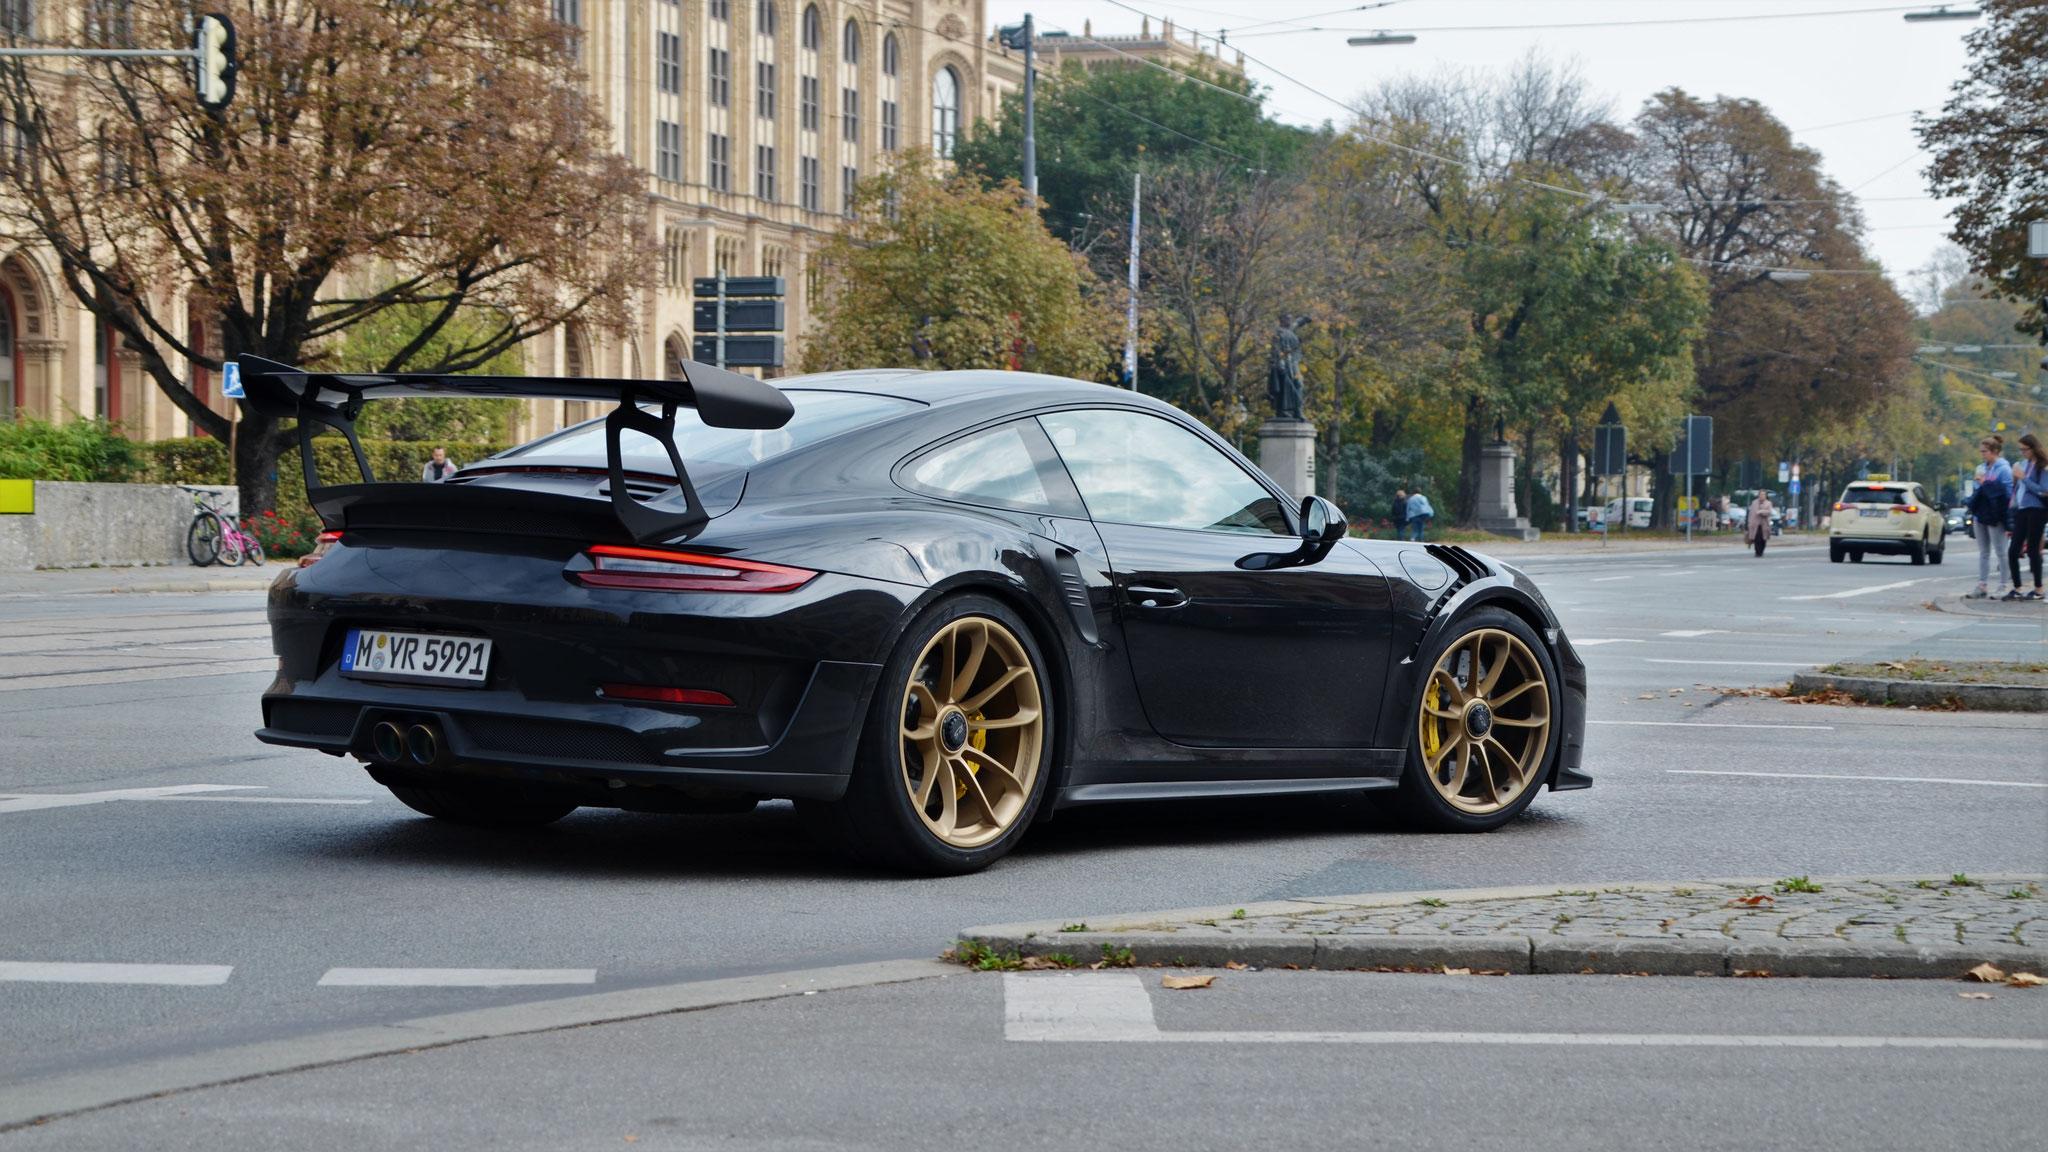 Porsche 911 991.2 GT3 RS - M-YR-5991